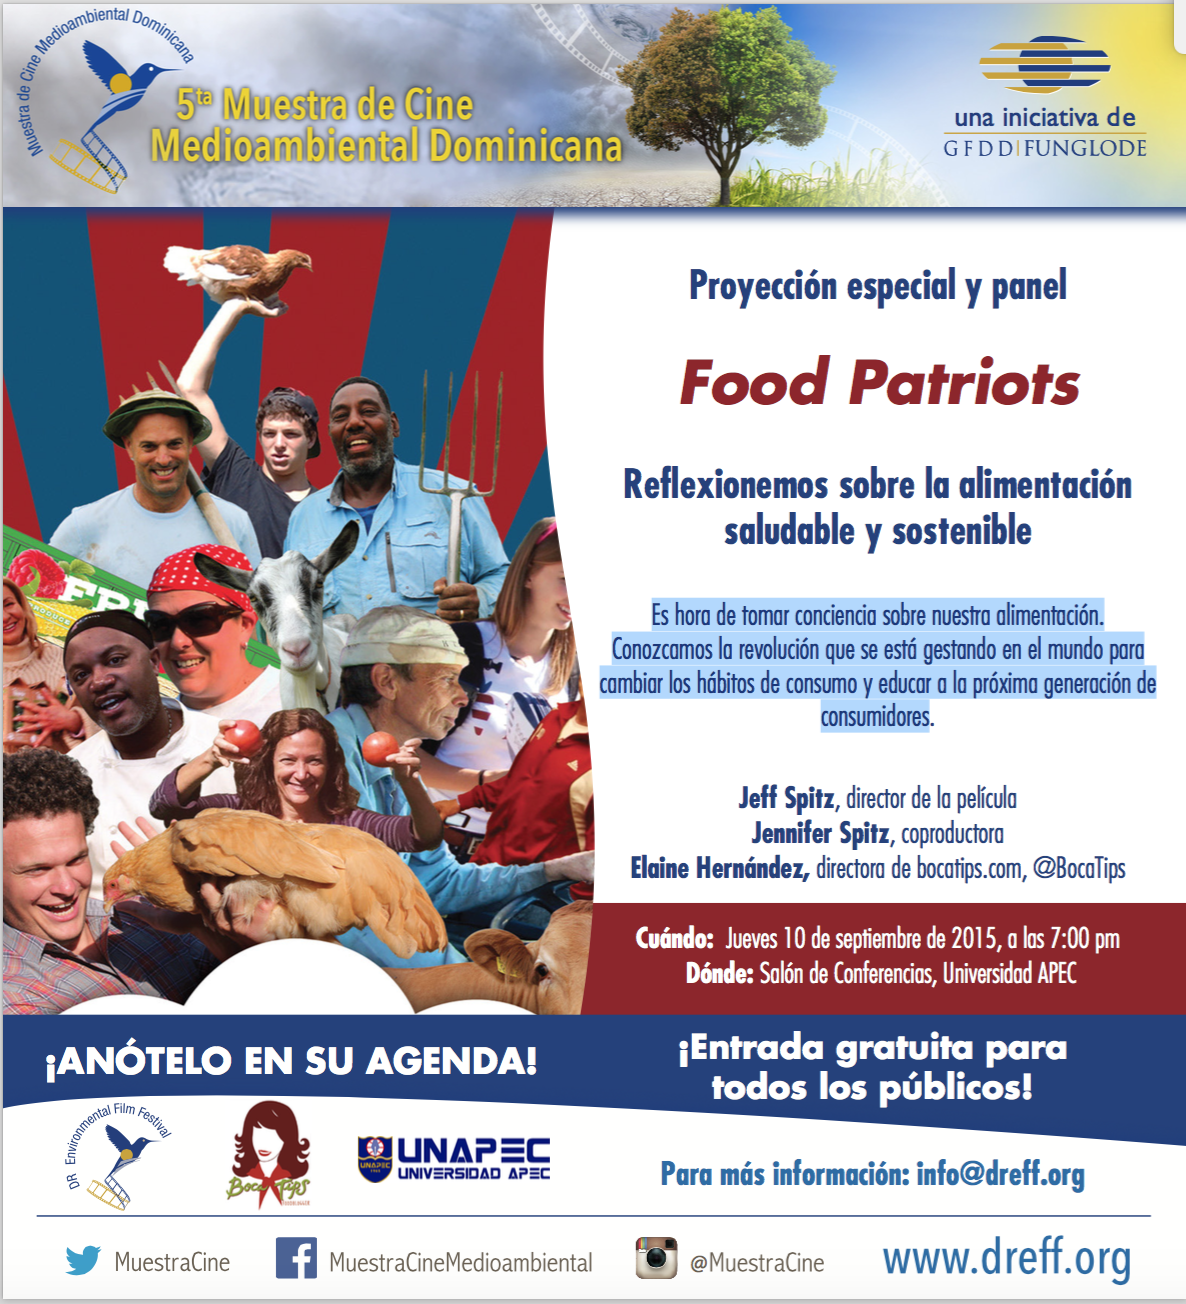 Food Patriots y panel sobre alimentación saludable y sostenible.